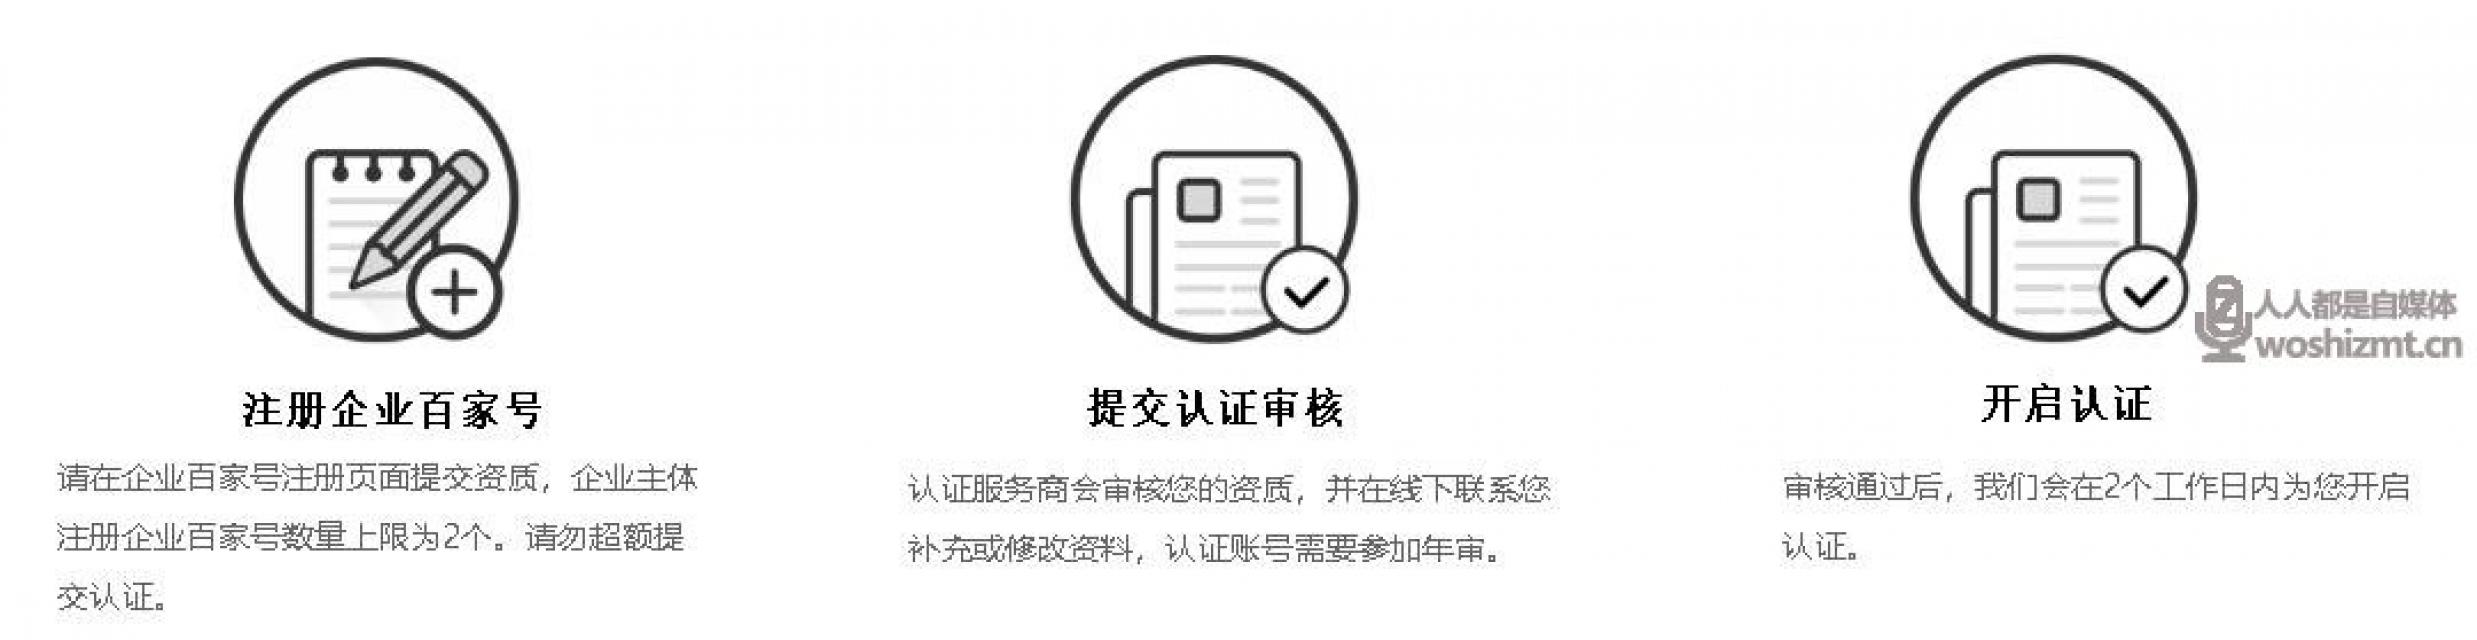 百家号蓝V认证的企业号有什么权益?